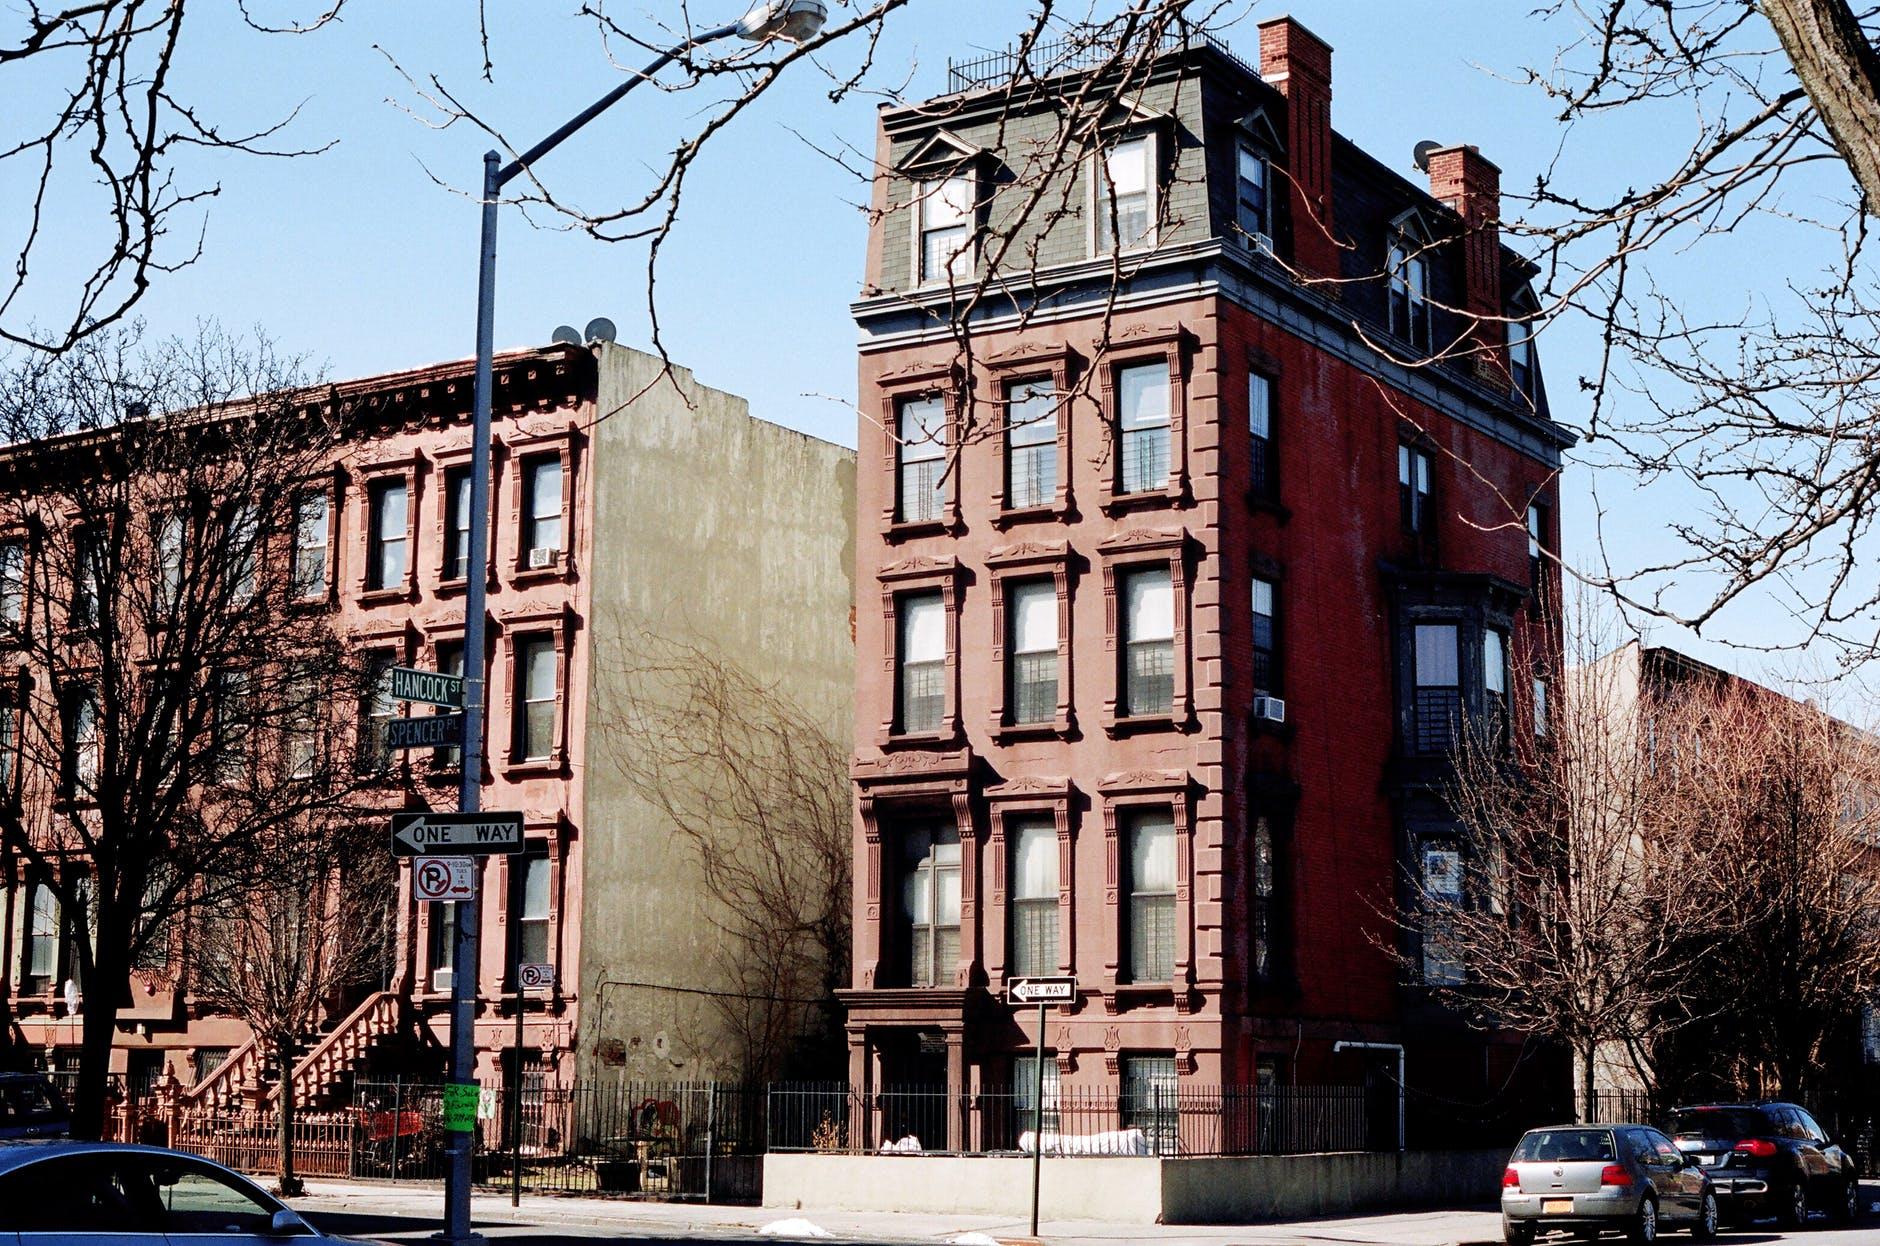 aseguranza de casa en nueva york aseguranza de casa new york seguro de casa new york home insurance new york